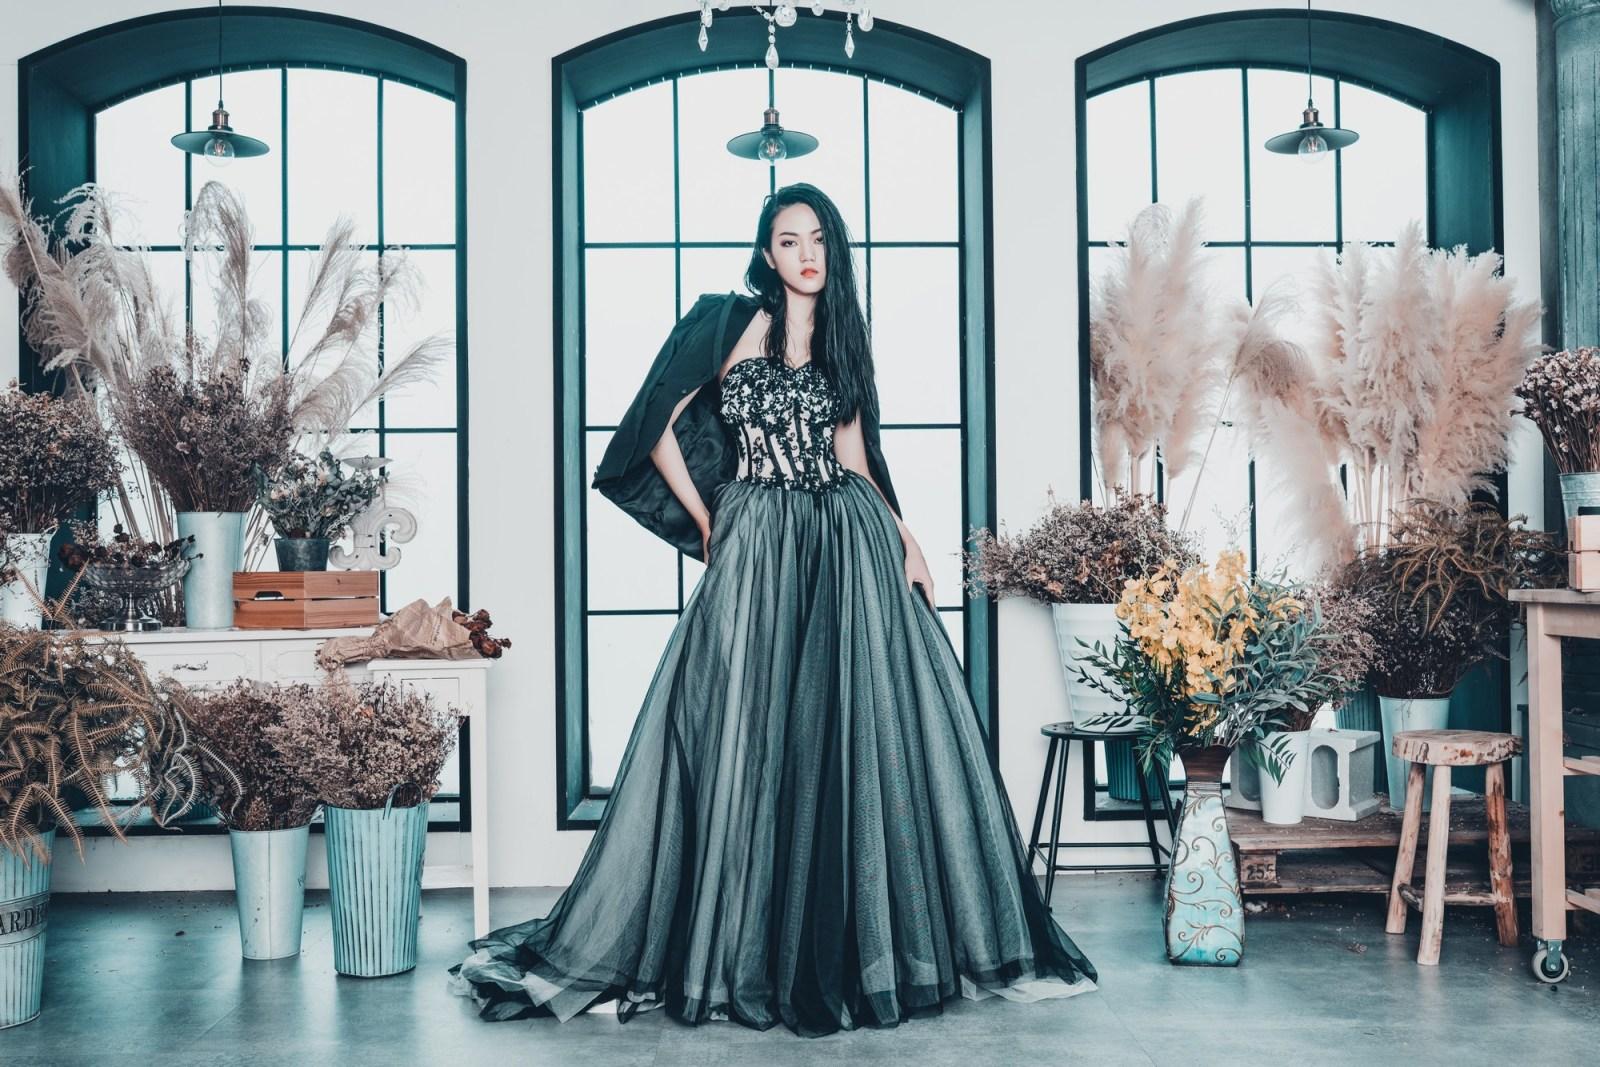 歐式Vogue,類白紗推薦,結婚白紗,媽媽洋裝禮服,平價小禮服推薦,新娘禮服